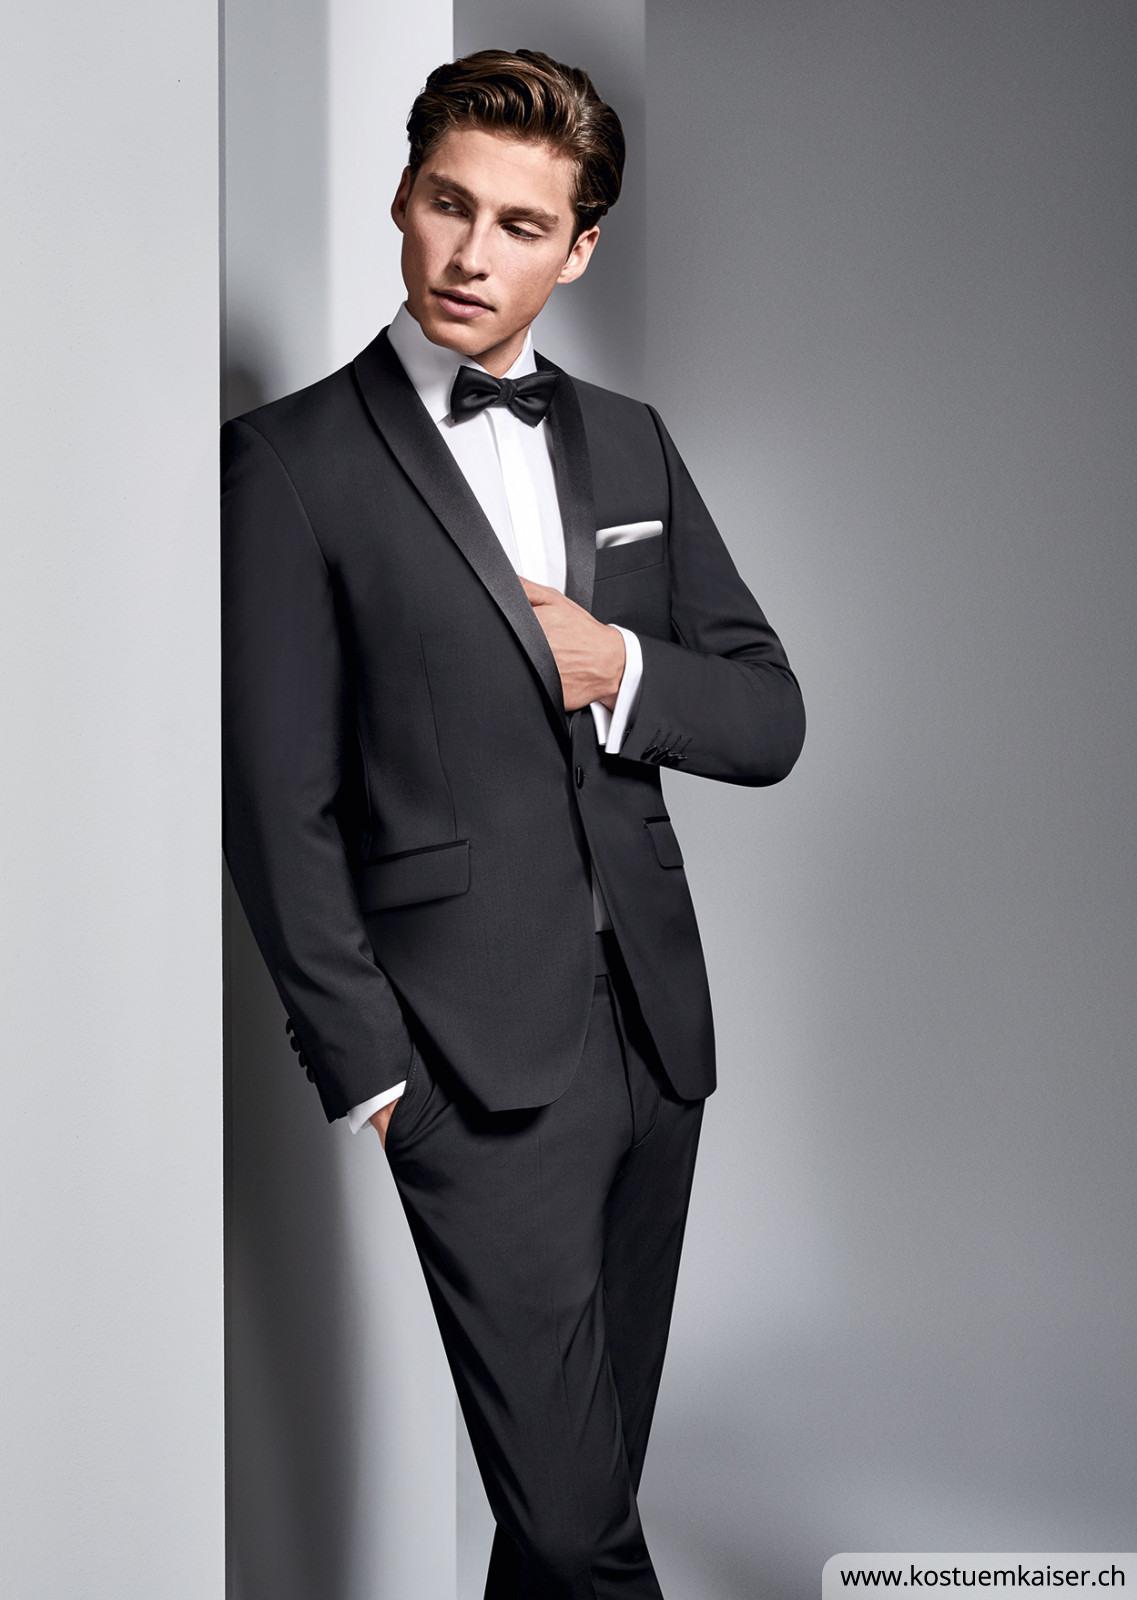 15 Genial Abendbekleidung Für Bester Preis13 Perfekt Abendbekleidung Für Stylish